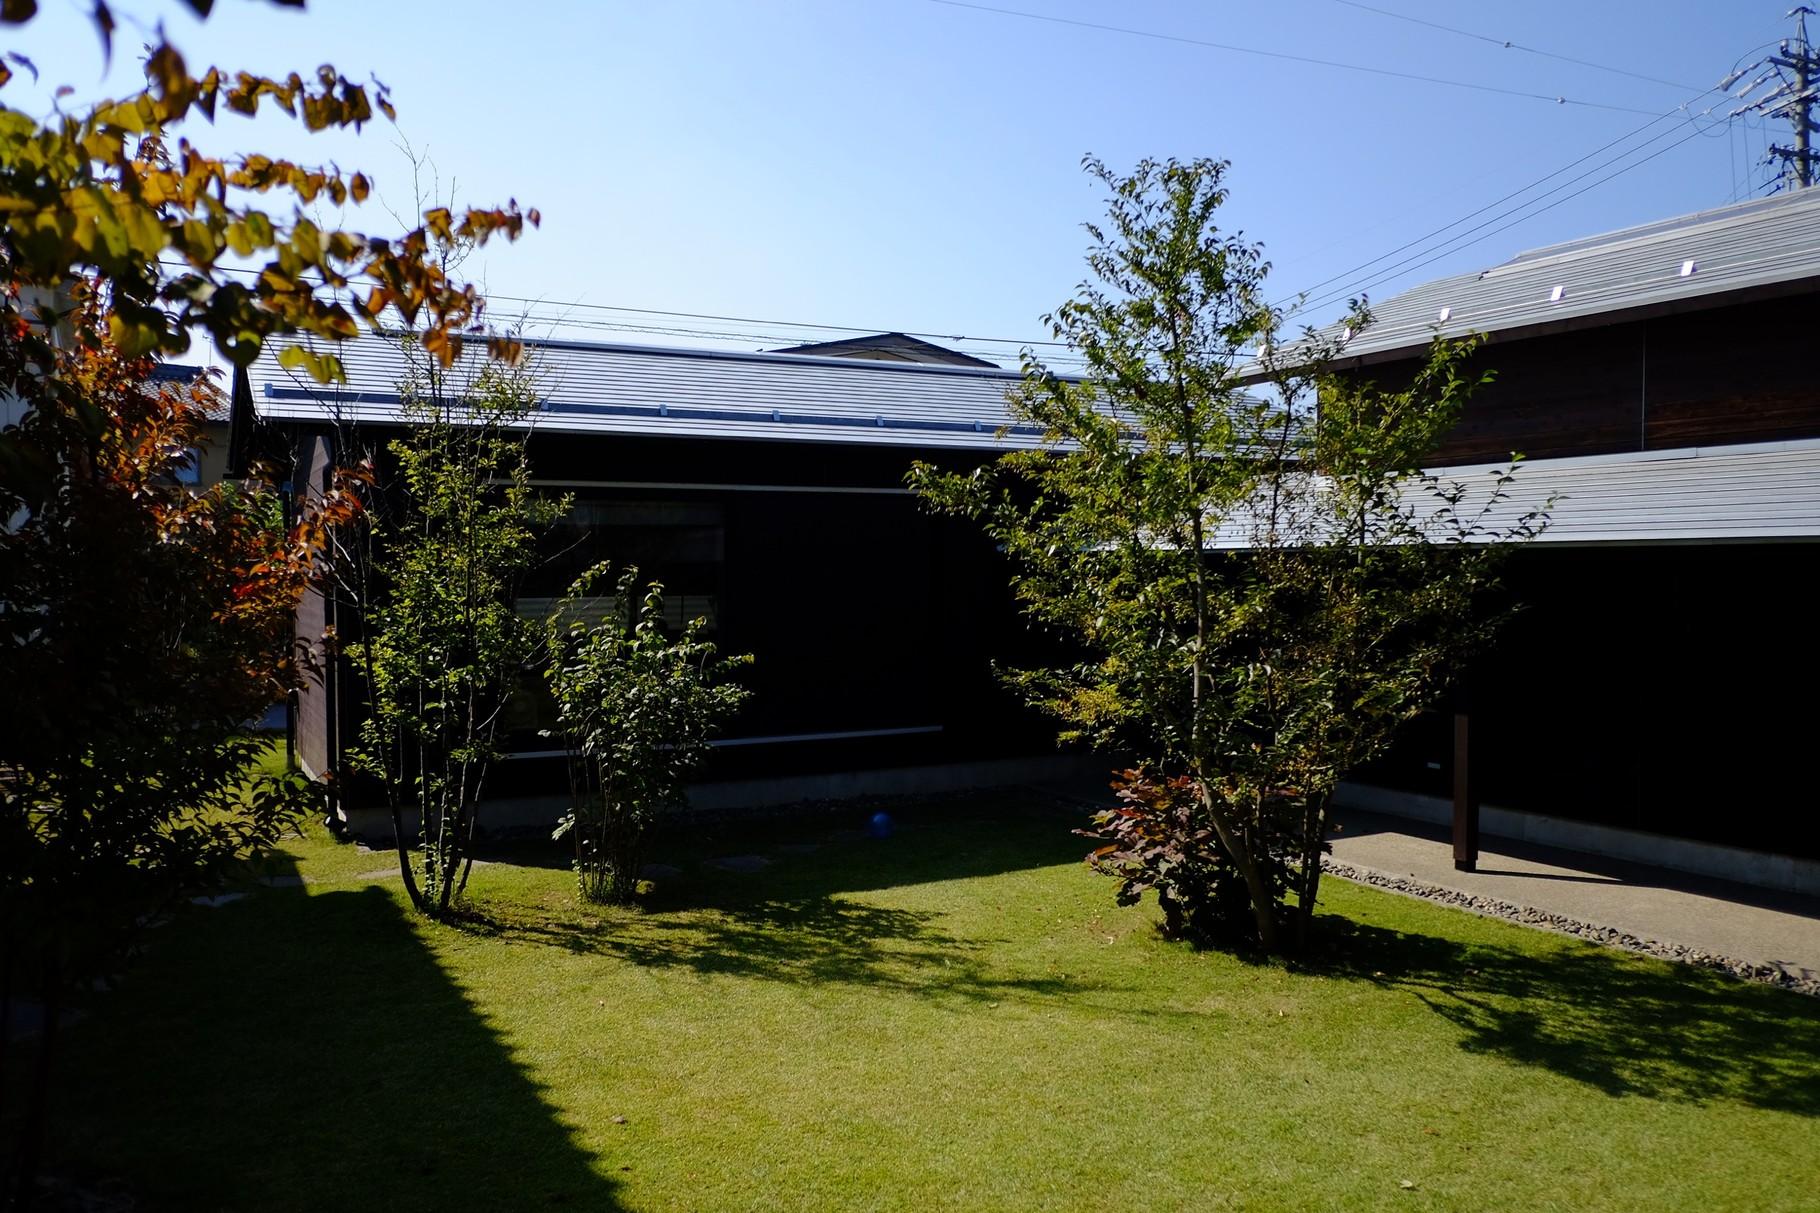 中庭がとてもきもちよい。カツラの木などの手入れも中川さんがするんですって。